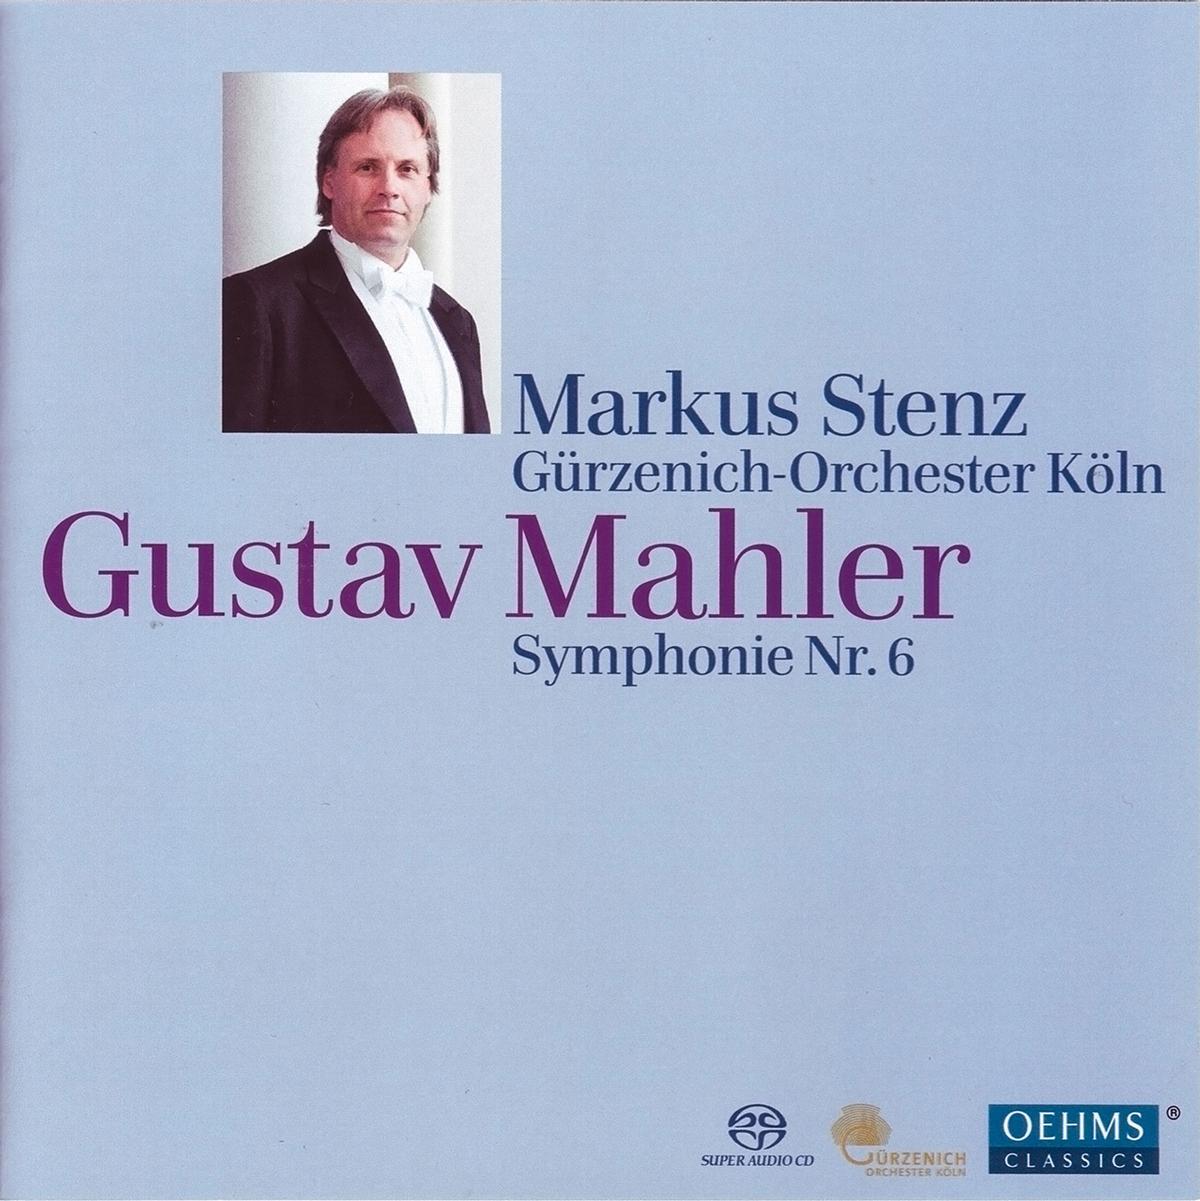 Gustav Mahler - Symphonie Nr. 6, Gürzenich-Orchester, Markus Stenz